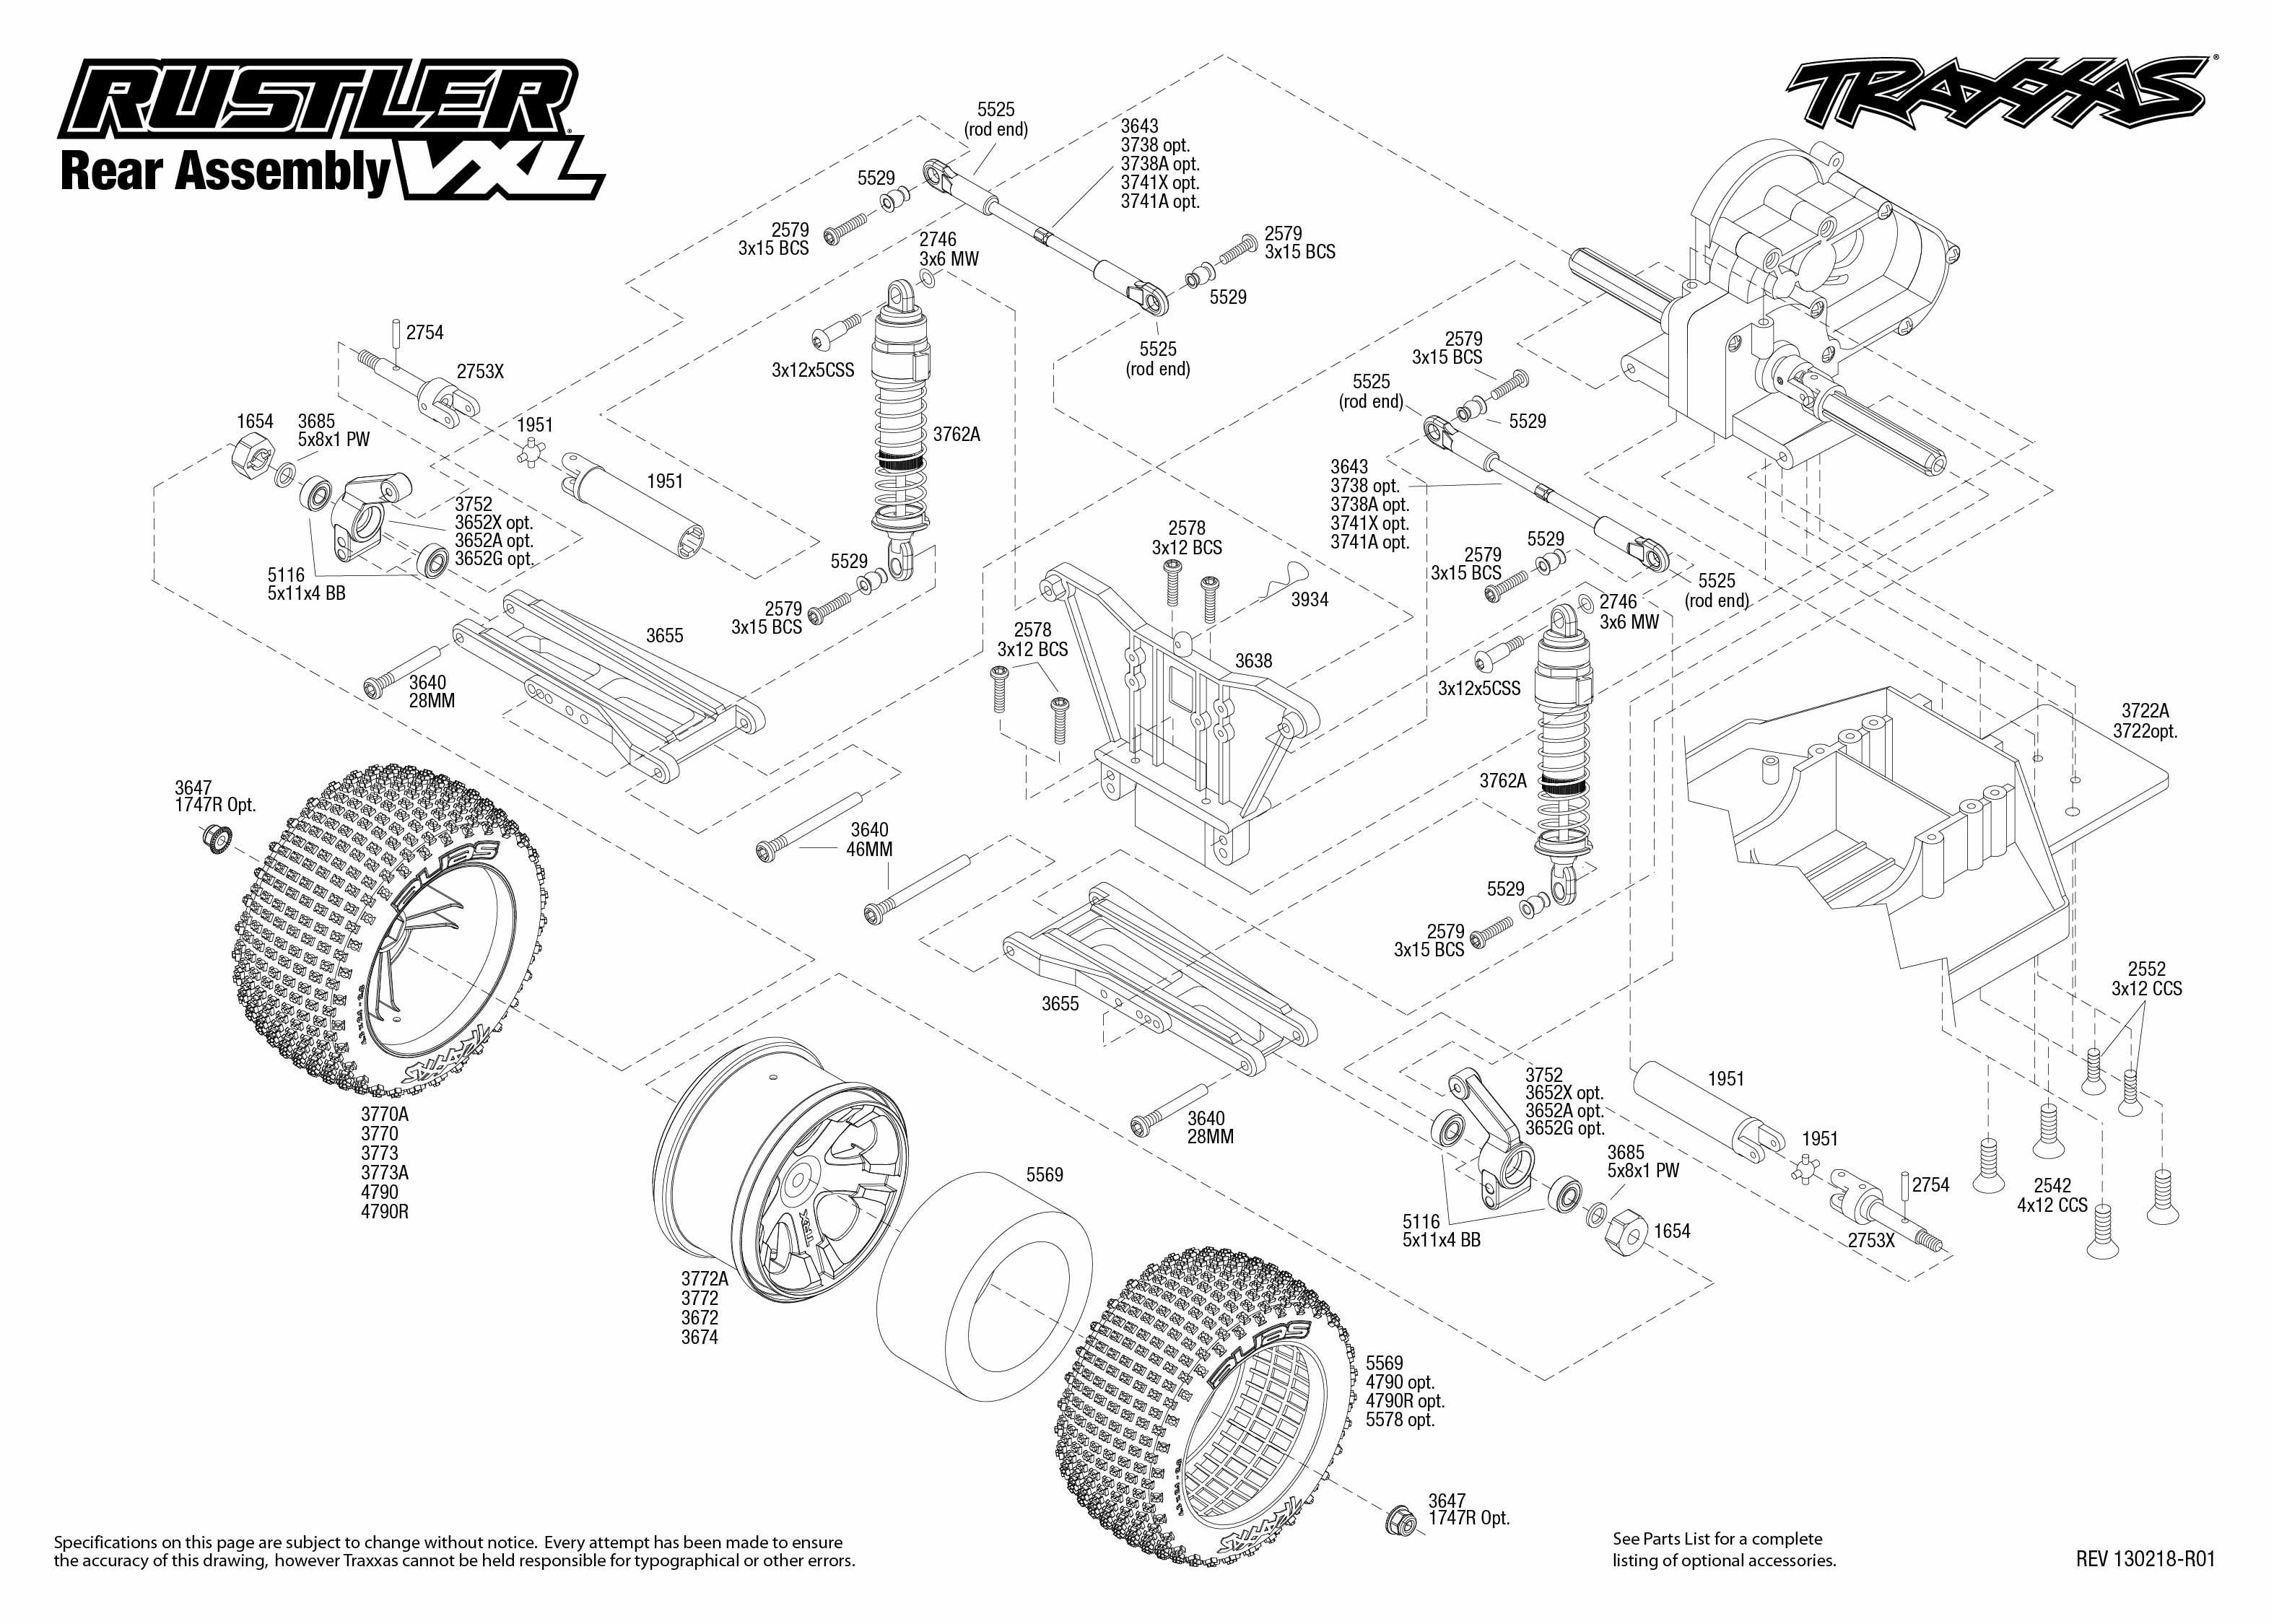 Traxxas 1/10 Scale Rustler VXL 2WD Brushless Stadium Truck